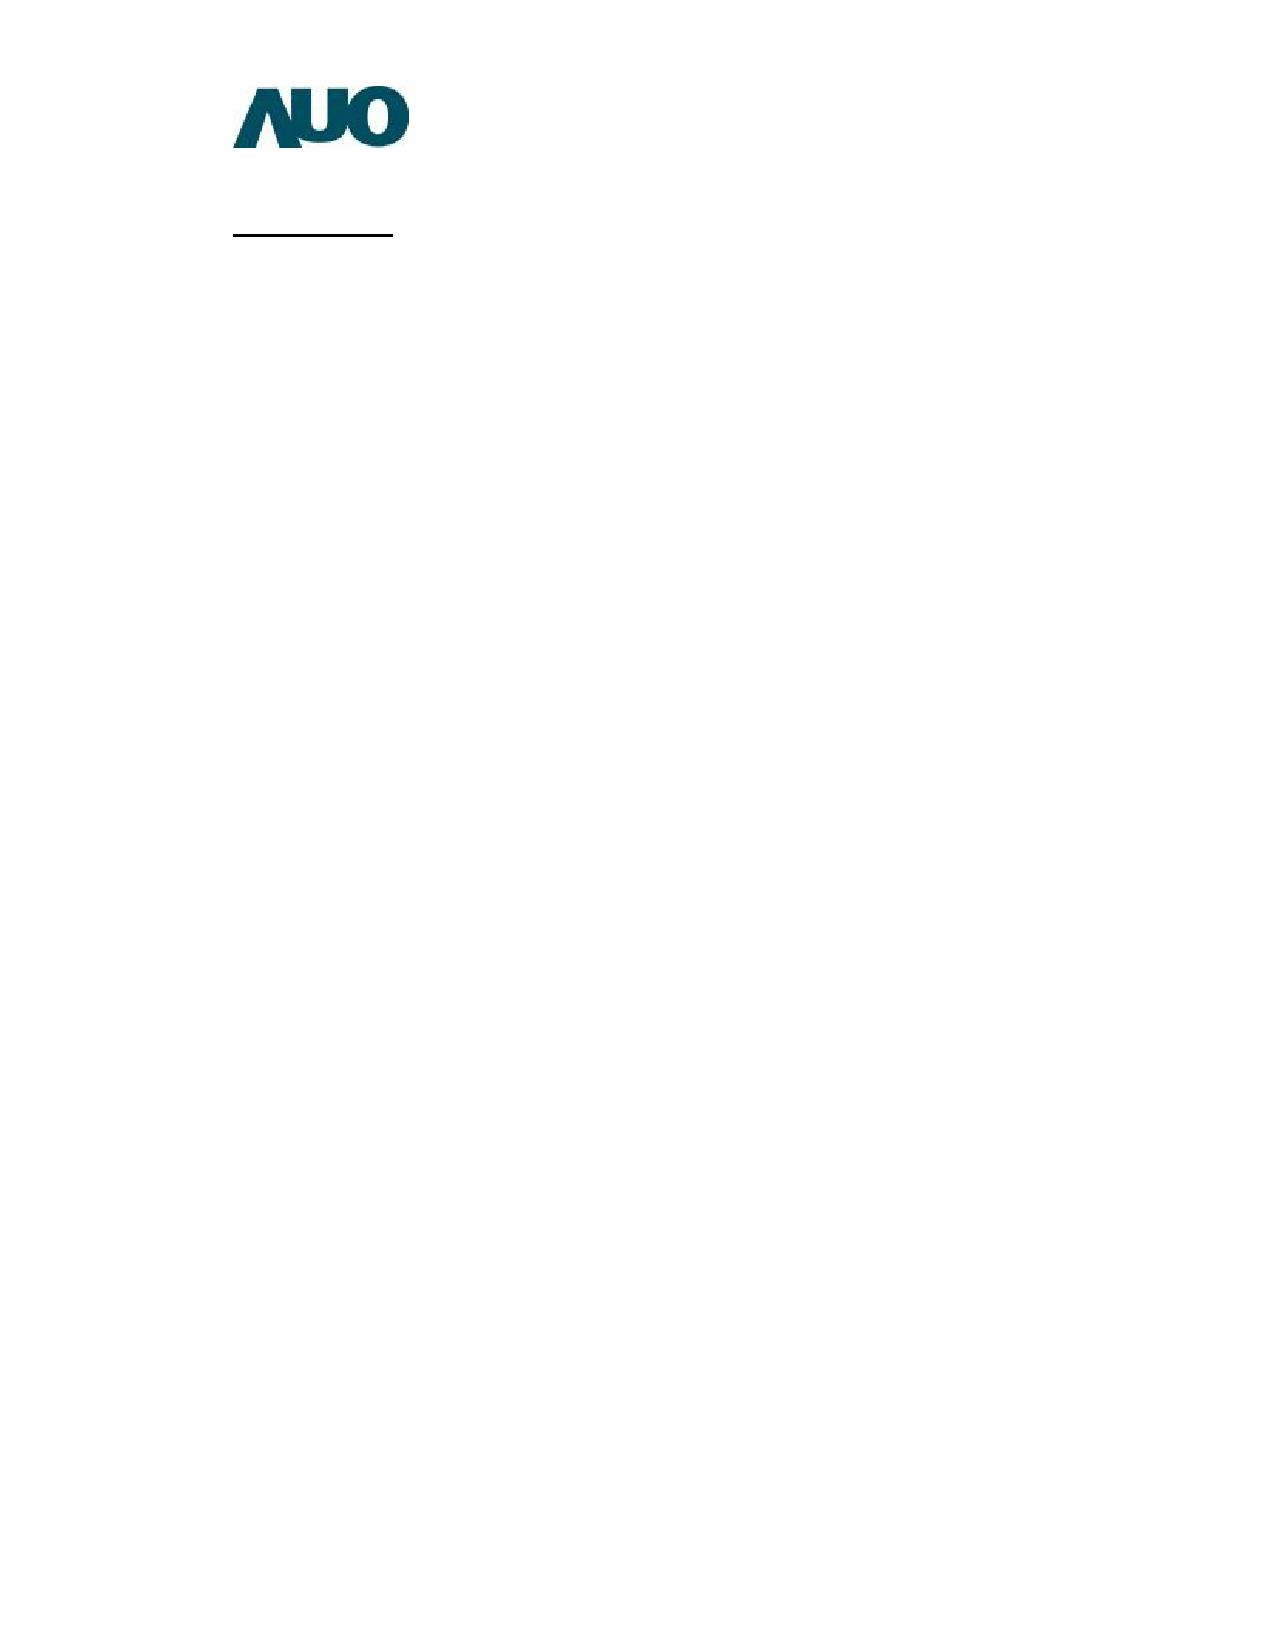 G084SN05-V0 pdf, 電子部品, 半導体, ピン配列